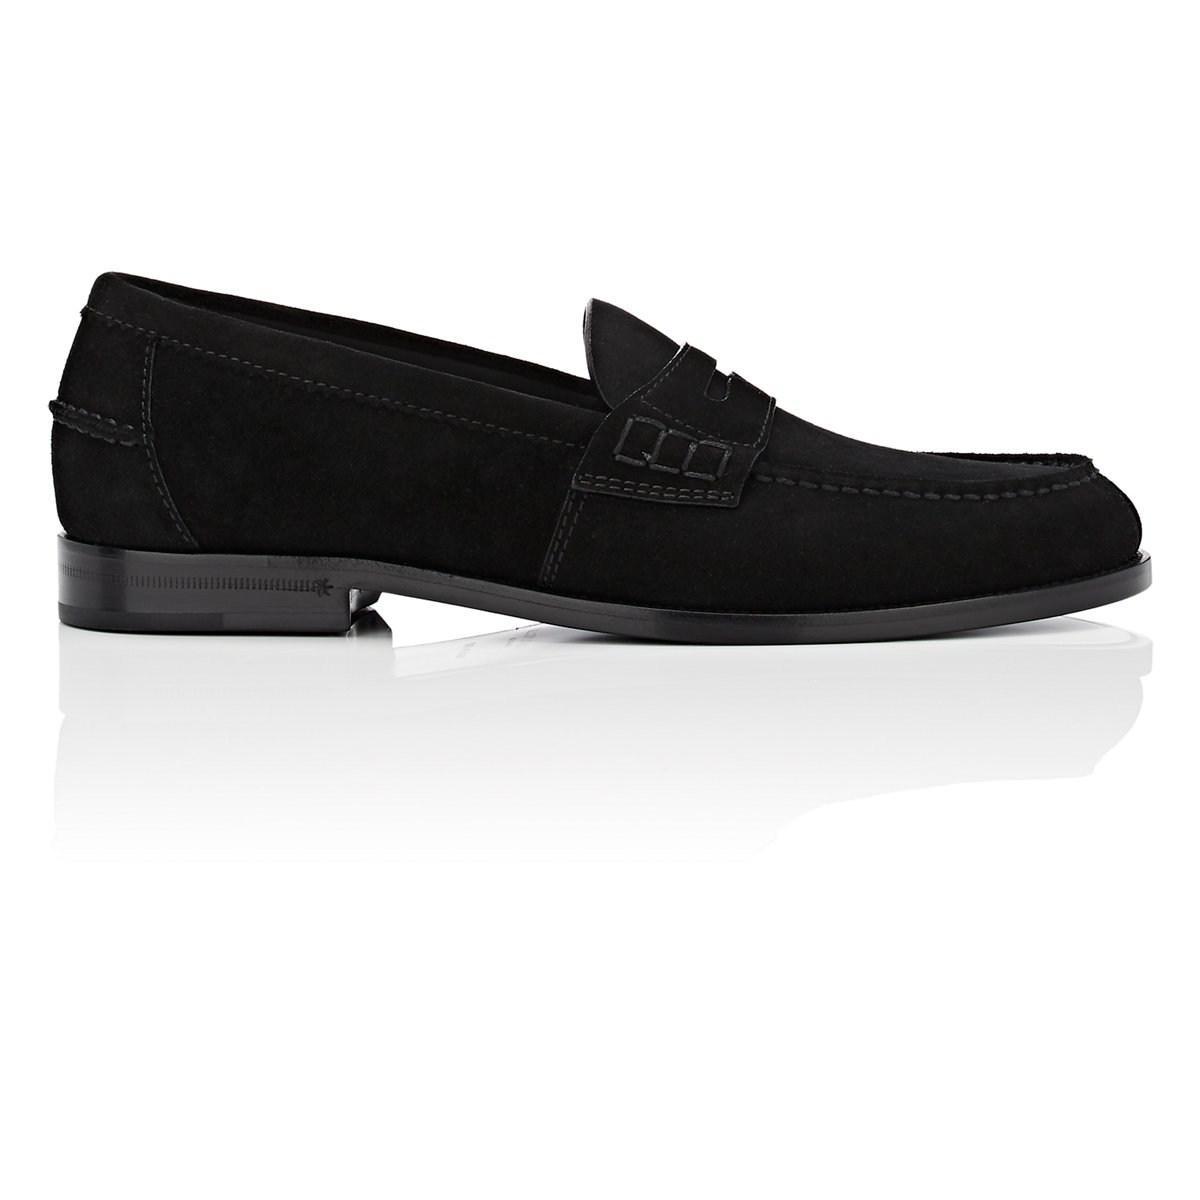 8de578ab357 Lyst - Saint Laurent Universite Suede Penny Loafers in Black for Men